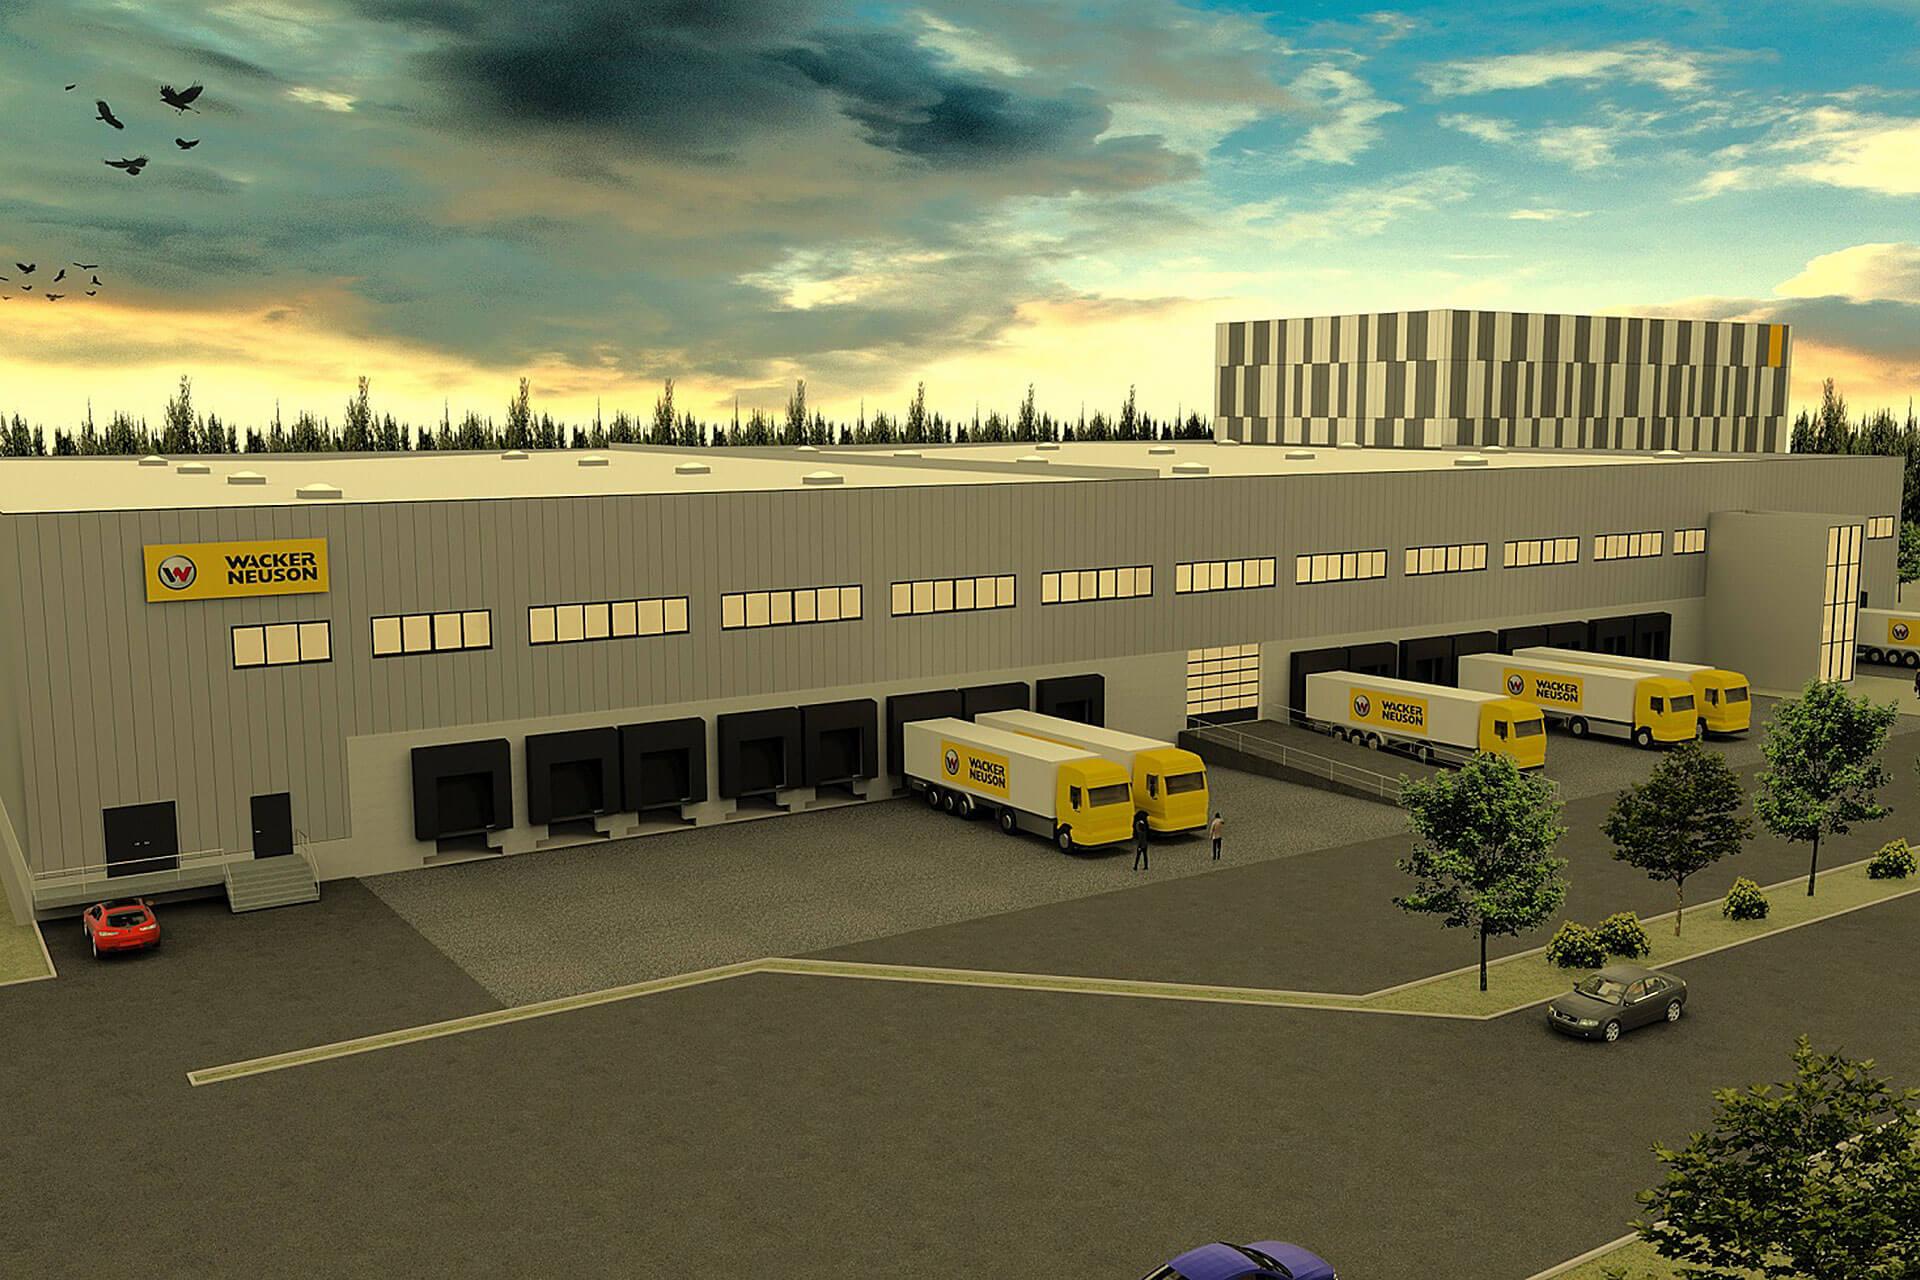 You are currently viewing Wacker-Neuson-Logistikzentrum in Reichertshofen